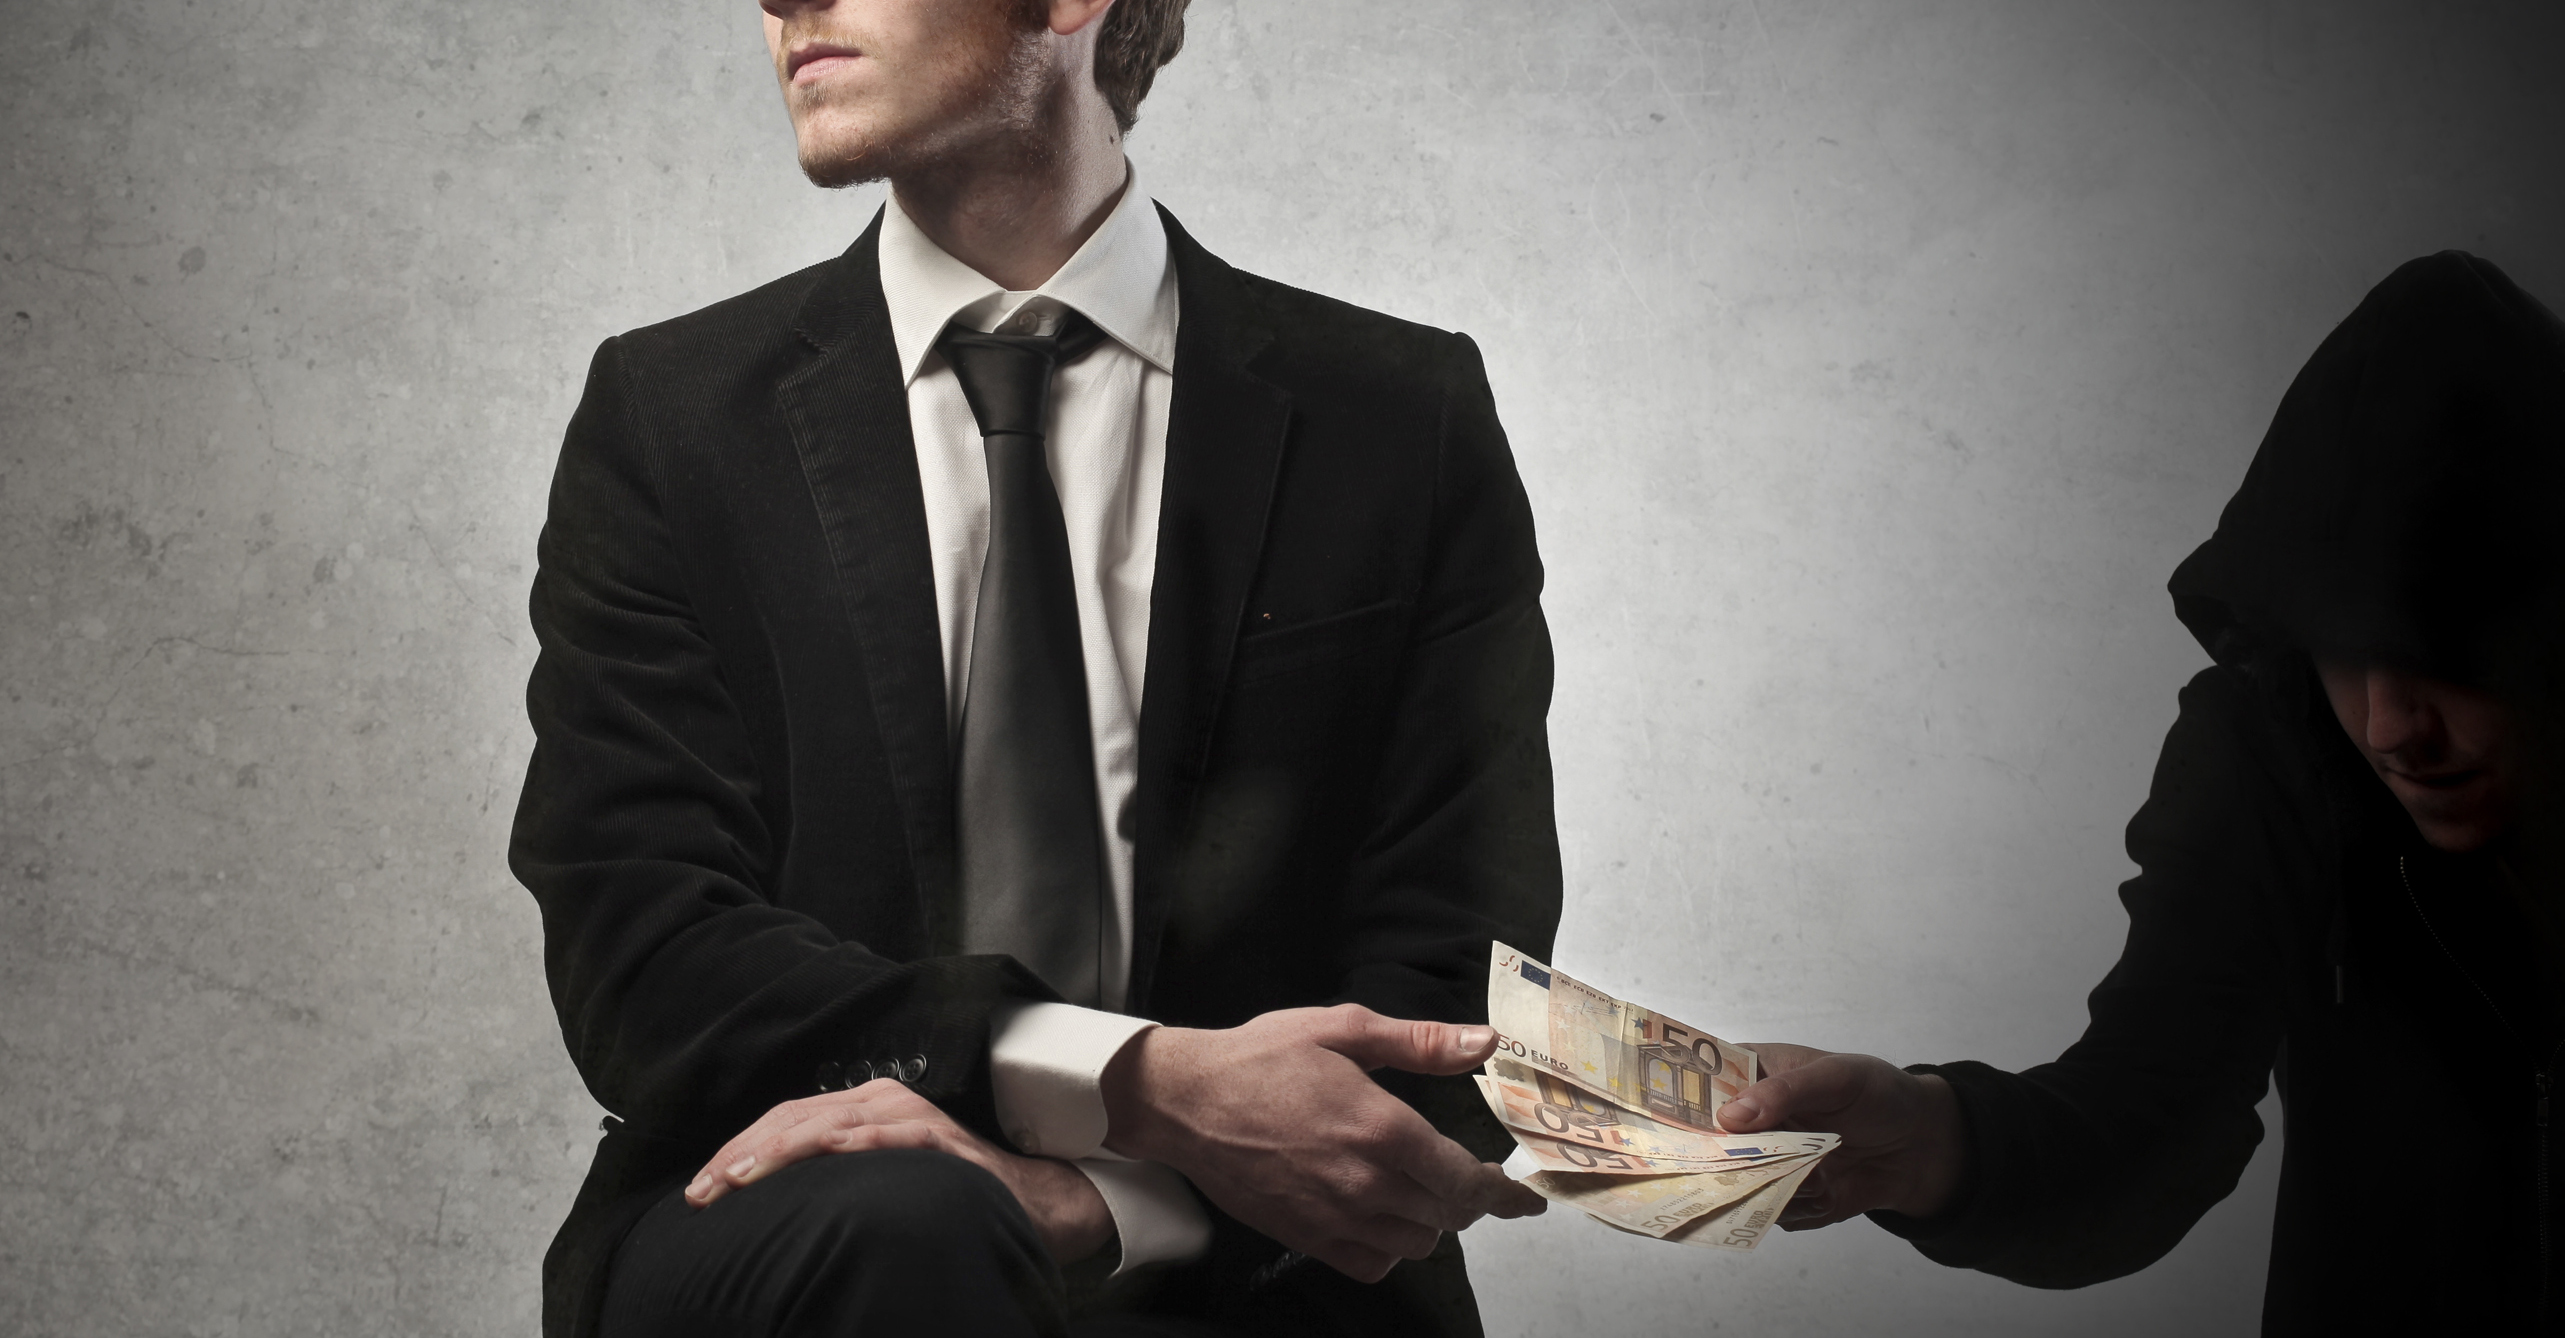 Comparando corrupción entre países ricos y pobres